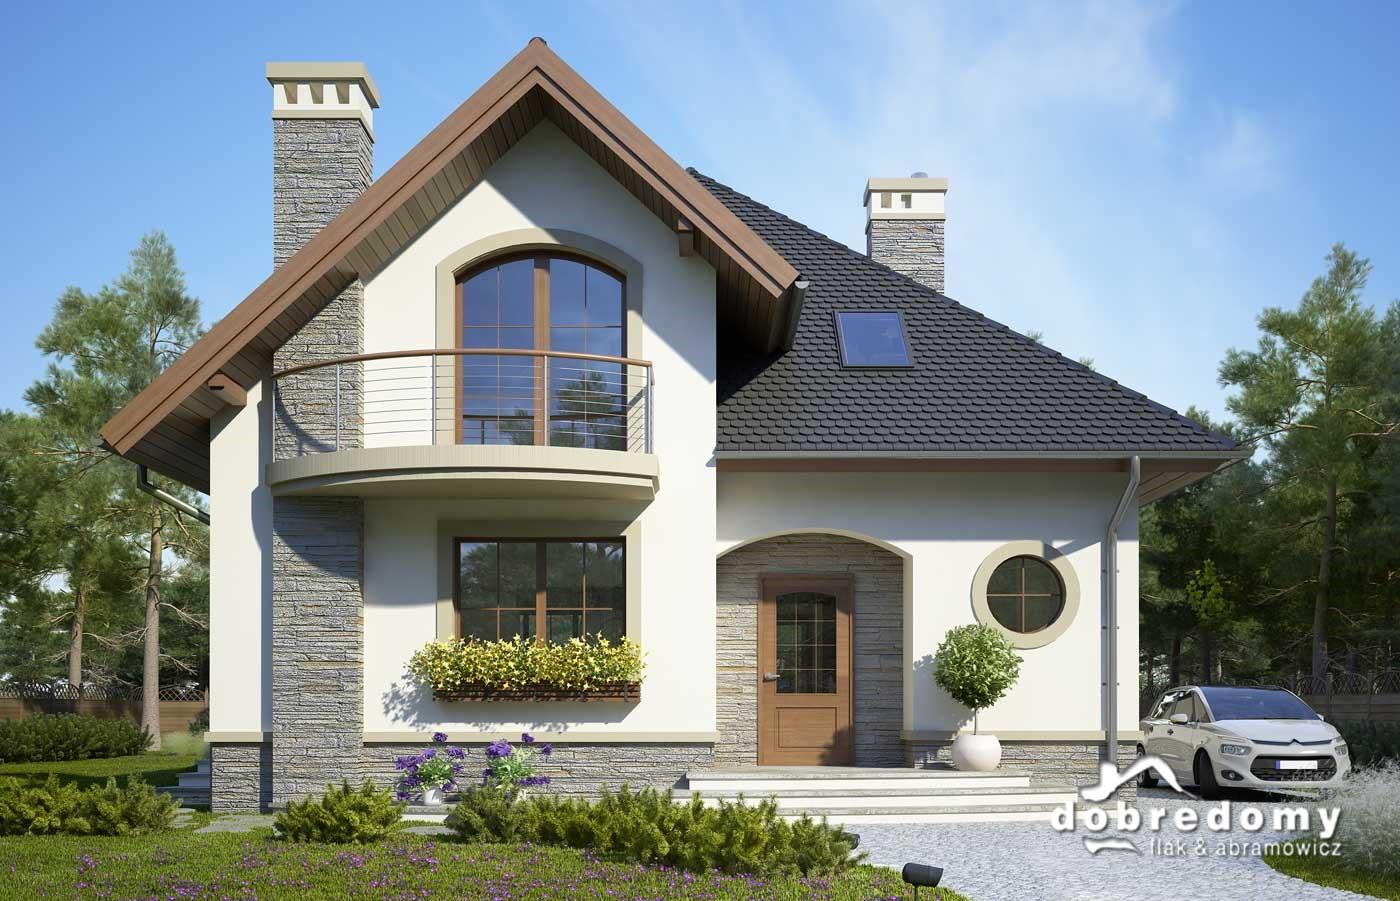 Kosztorys budowy domu. Co warto wiedzieć?